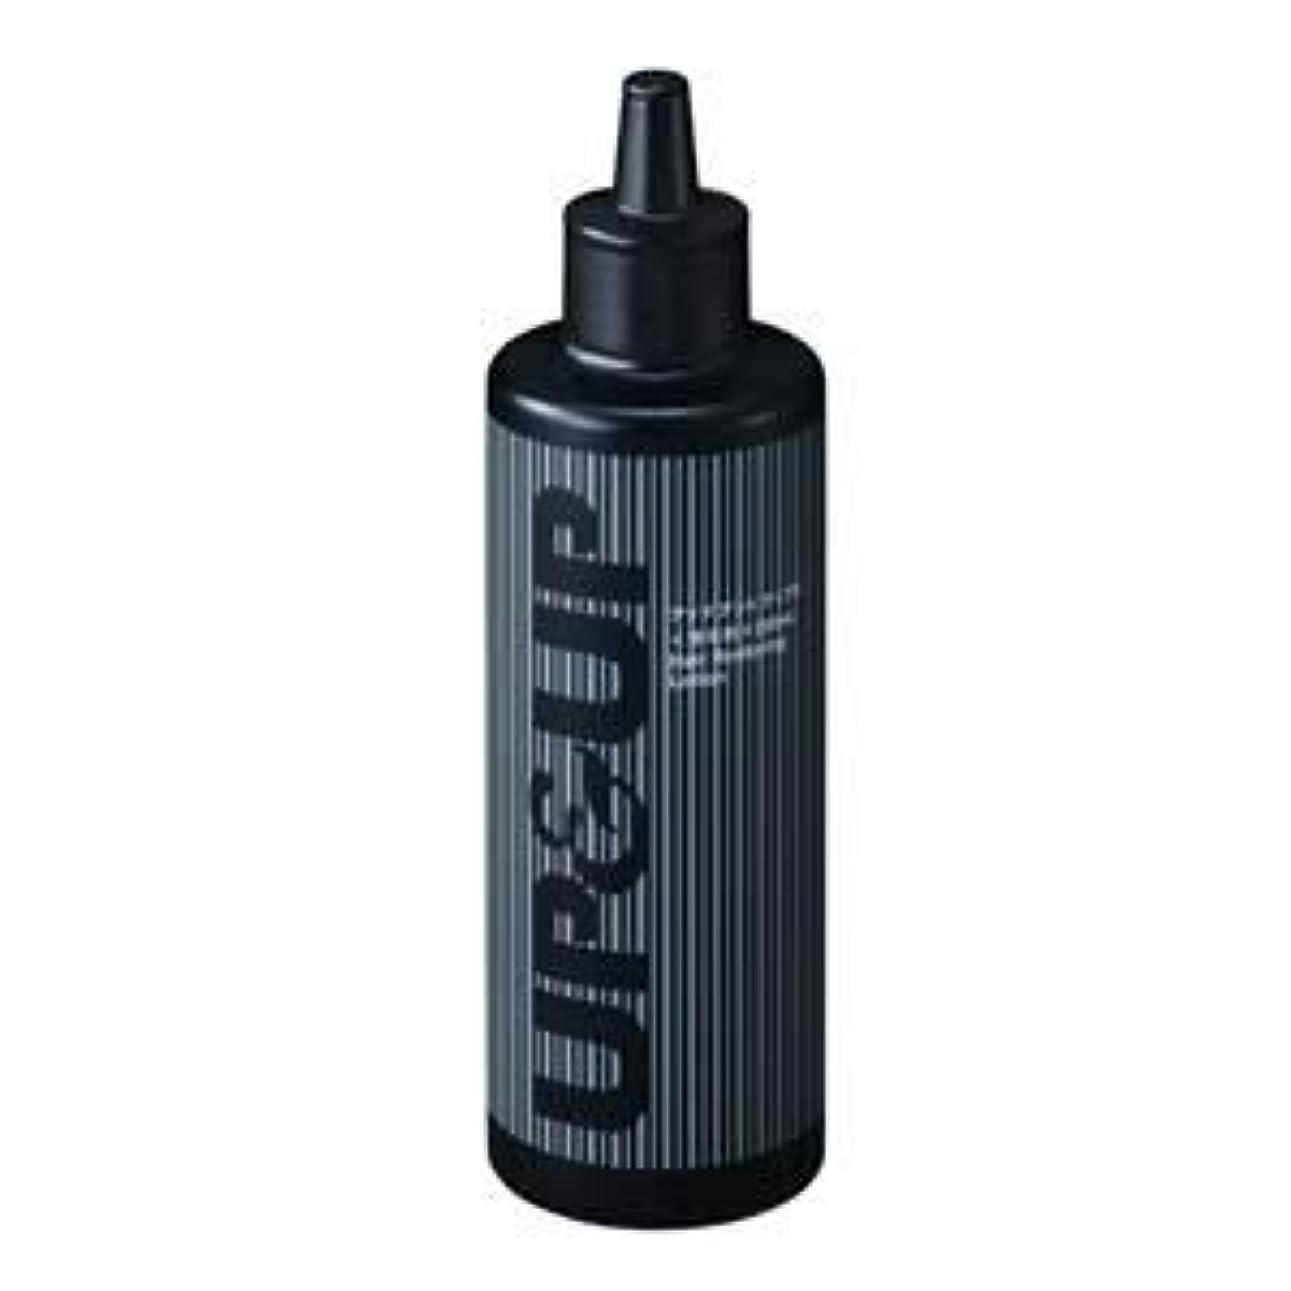 牛クリーナー複製H+Bライフサイエンス アップ アンド アップ UP&UP S育毛剤 200mL